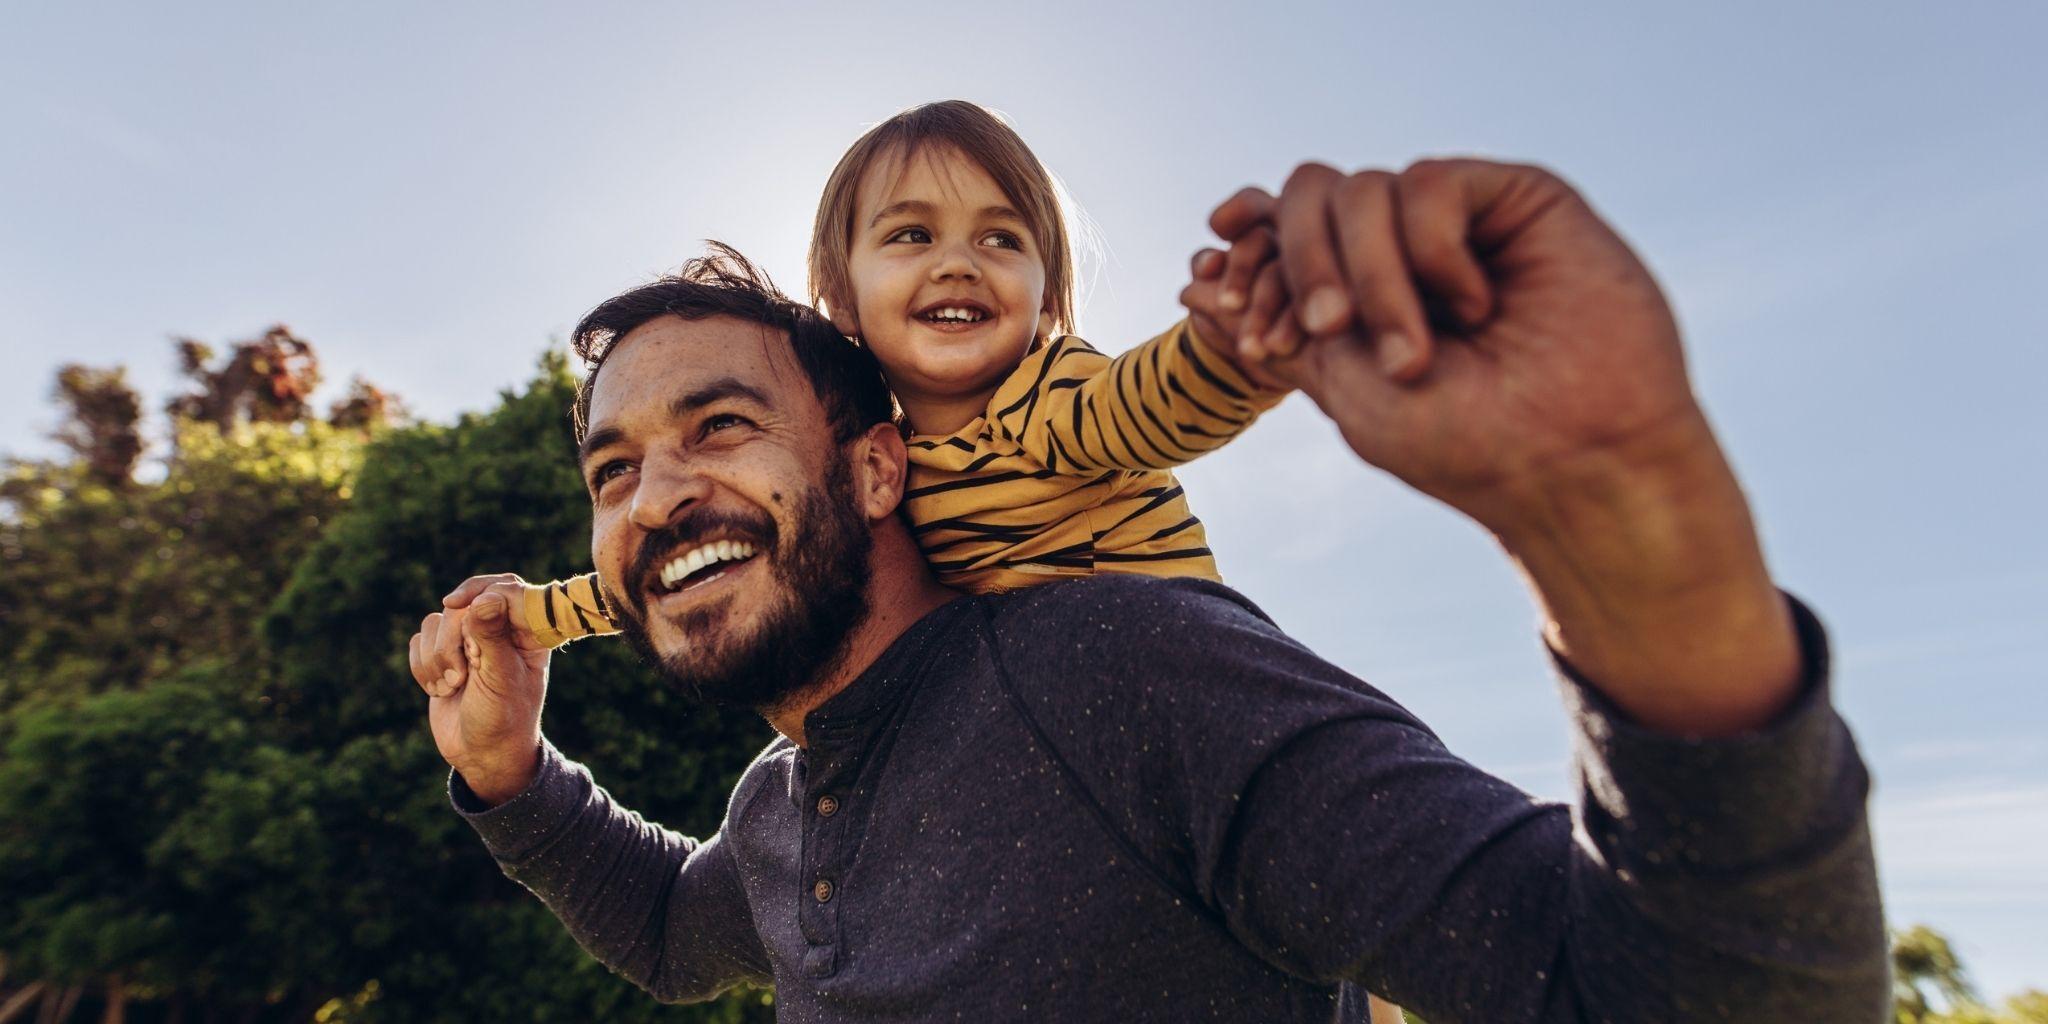 Tėčio vaidmuo vaikų gyvenime